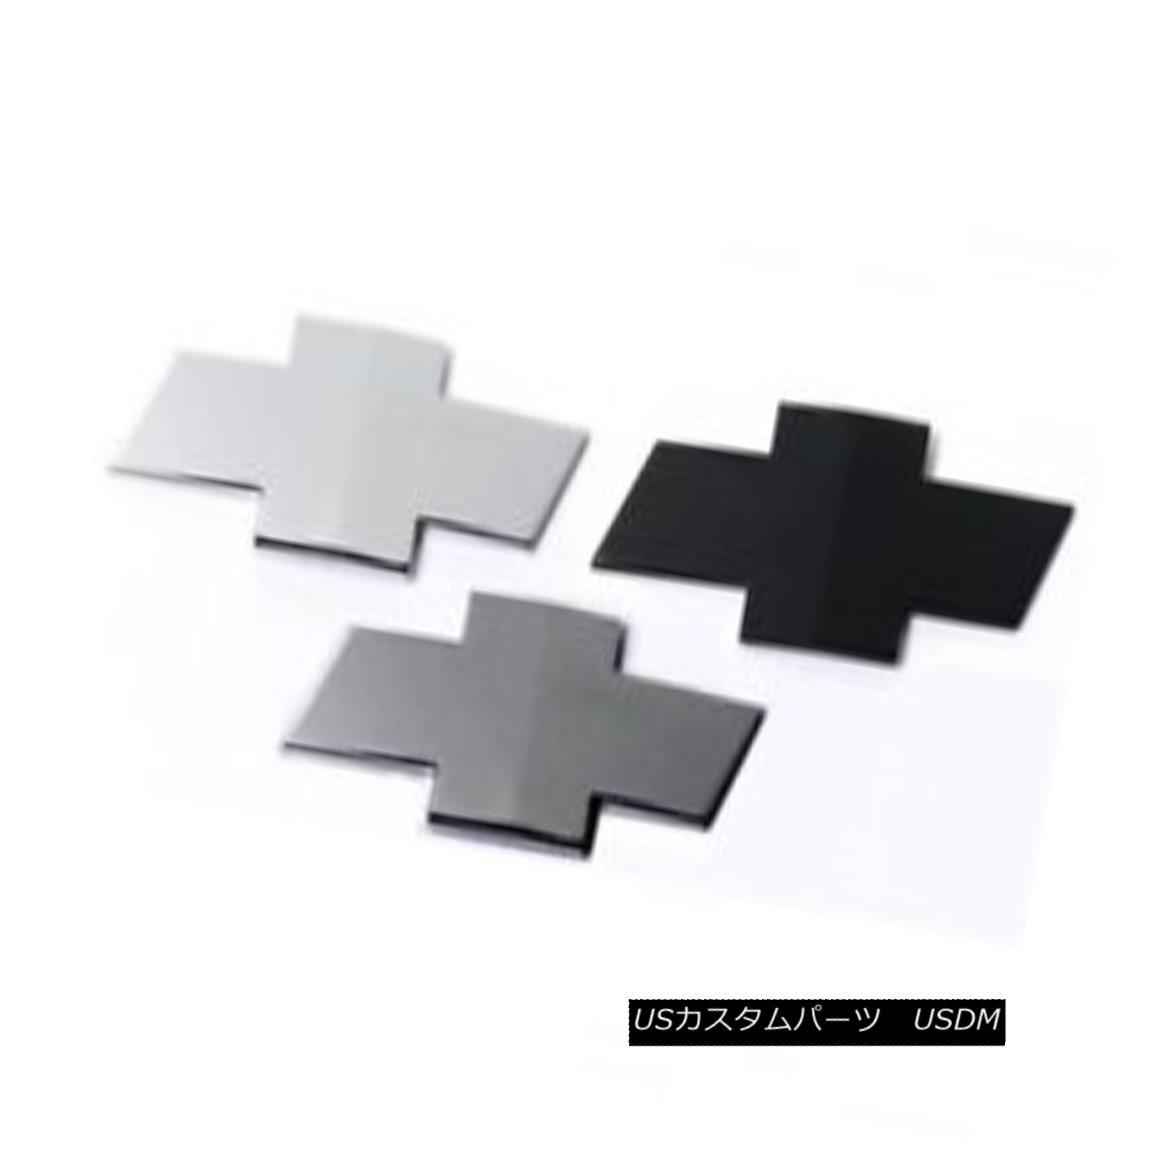 グリル PUTCO 99988GMB - Black Powdercoat Emblem Kit Fits 10-13 Chevy Camaro PUTCO 99988GMB - ブラックパウダーコートエンブレムキット10-13シェビーカマロに適合